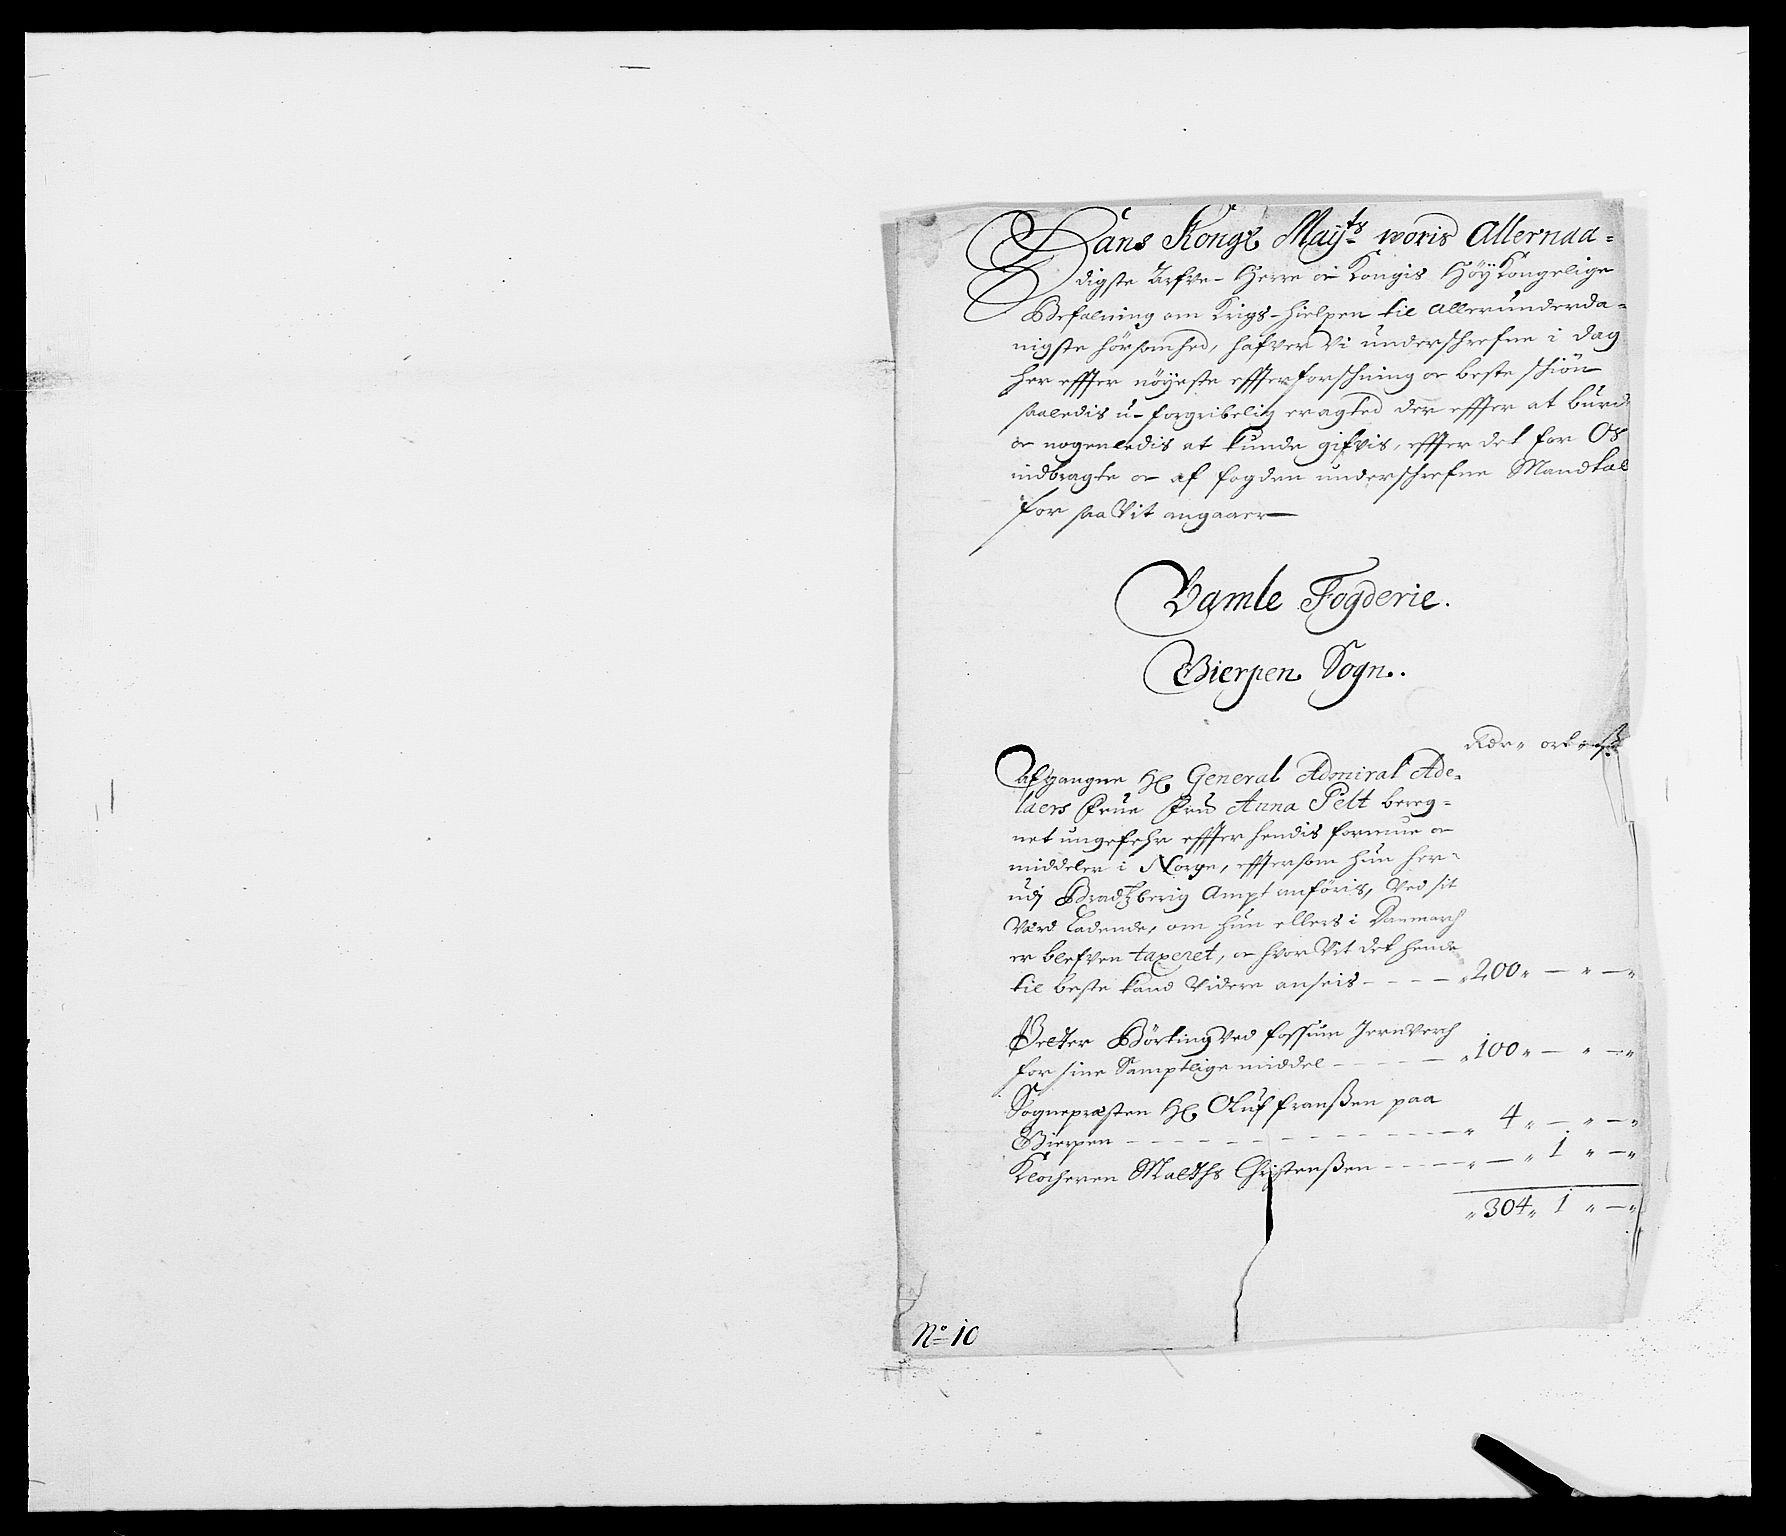 RA, Rentekammeret inntil 1814, Reviderte regnskaper, Fogderegnskap, R34/L2046: Fogderegnskap Bamble, 1682-1683, s. 421